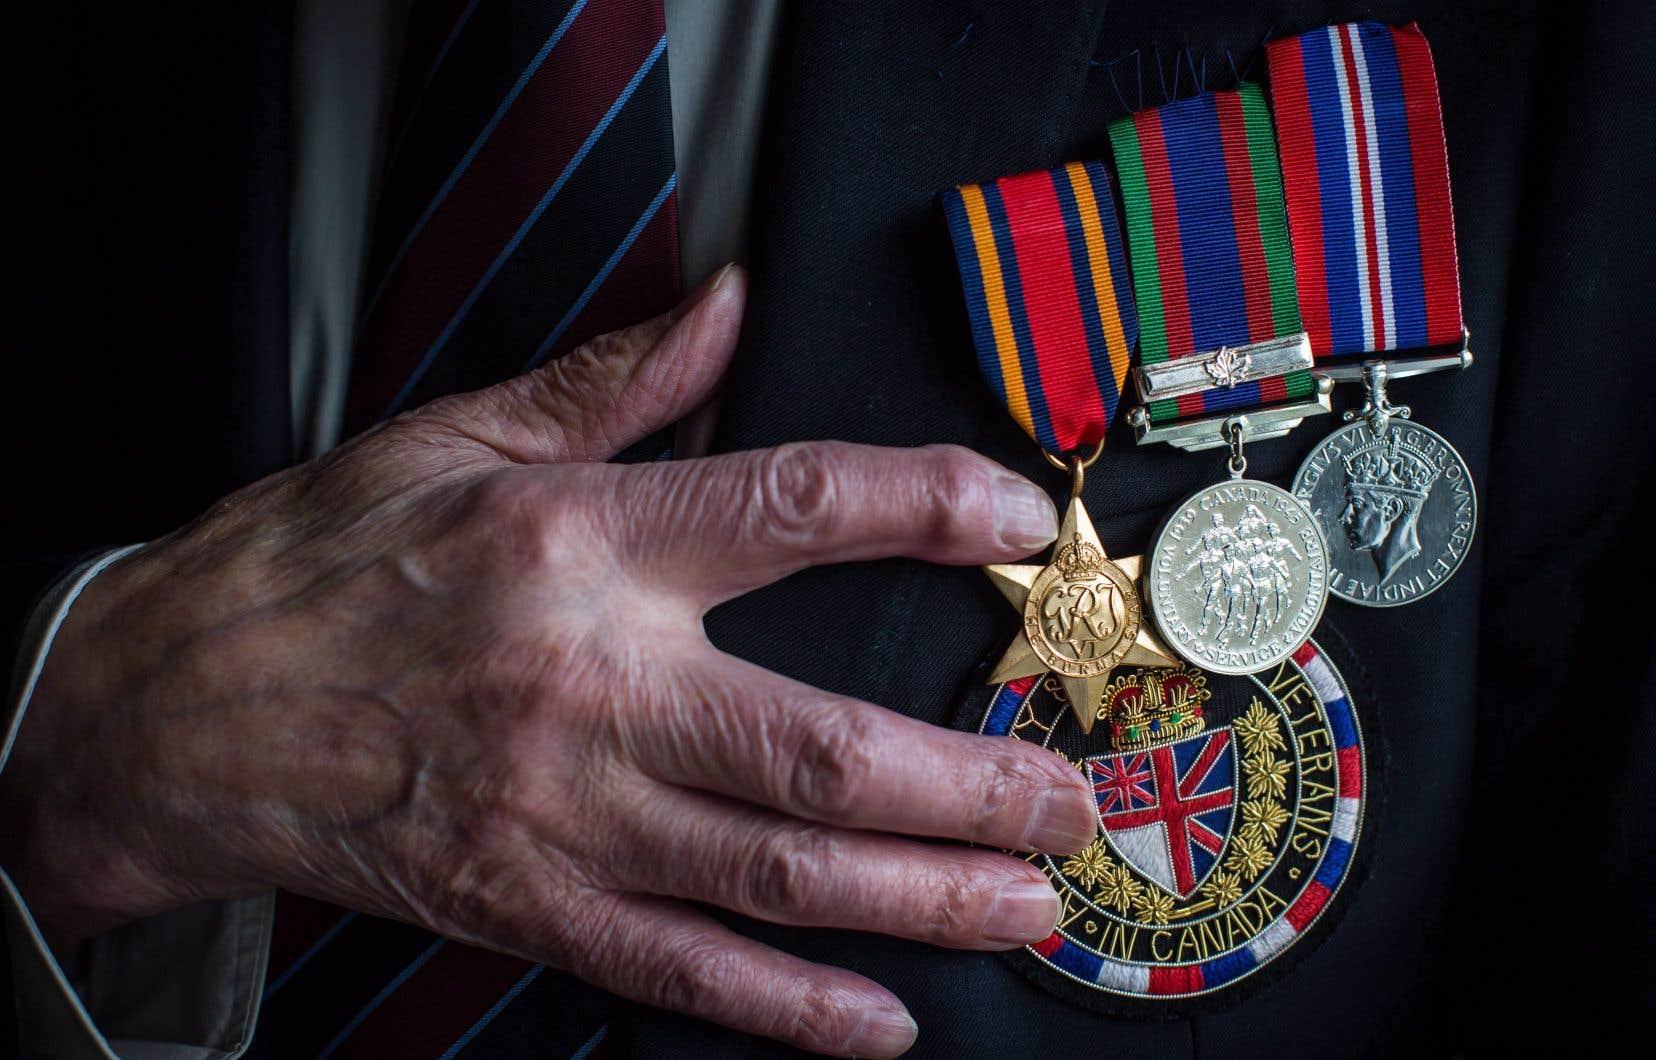 En 2016, d'anciens membres homosexuels de l'armée canadienne et de la fonction publique avaient intenté une action collective nationale de 600 millions de dollars contre le gouvernement canadien.